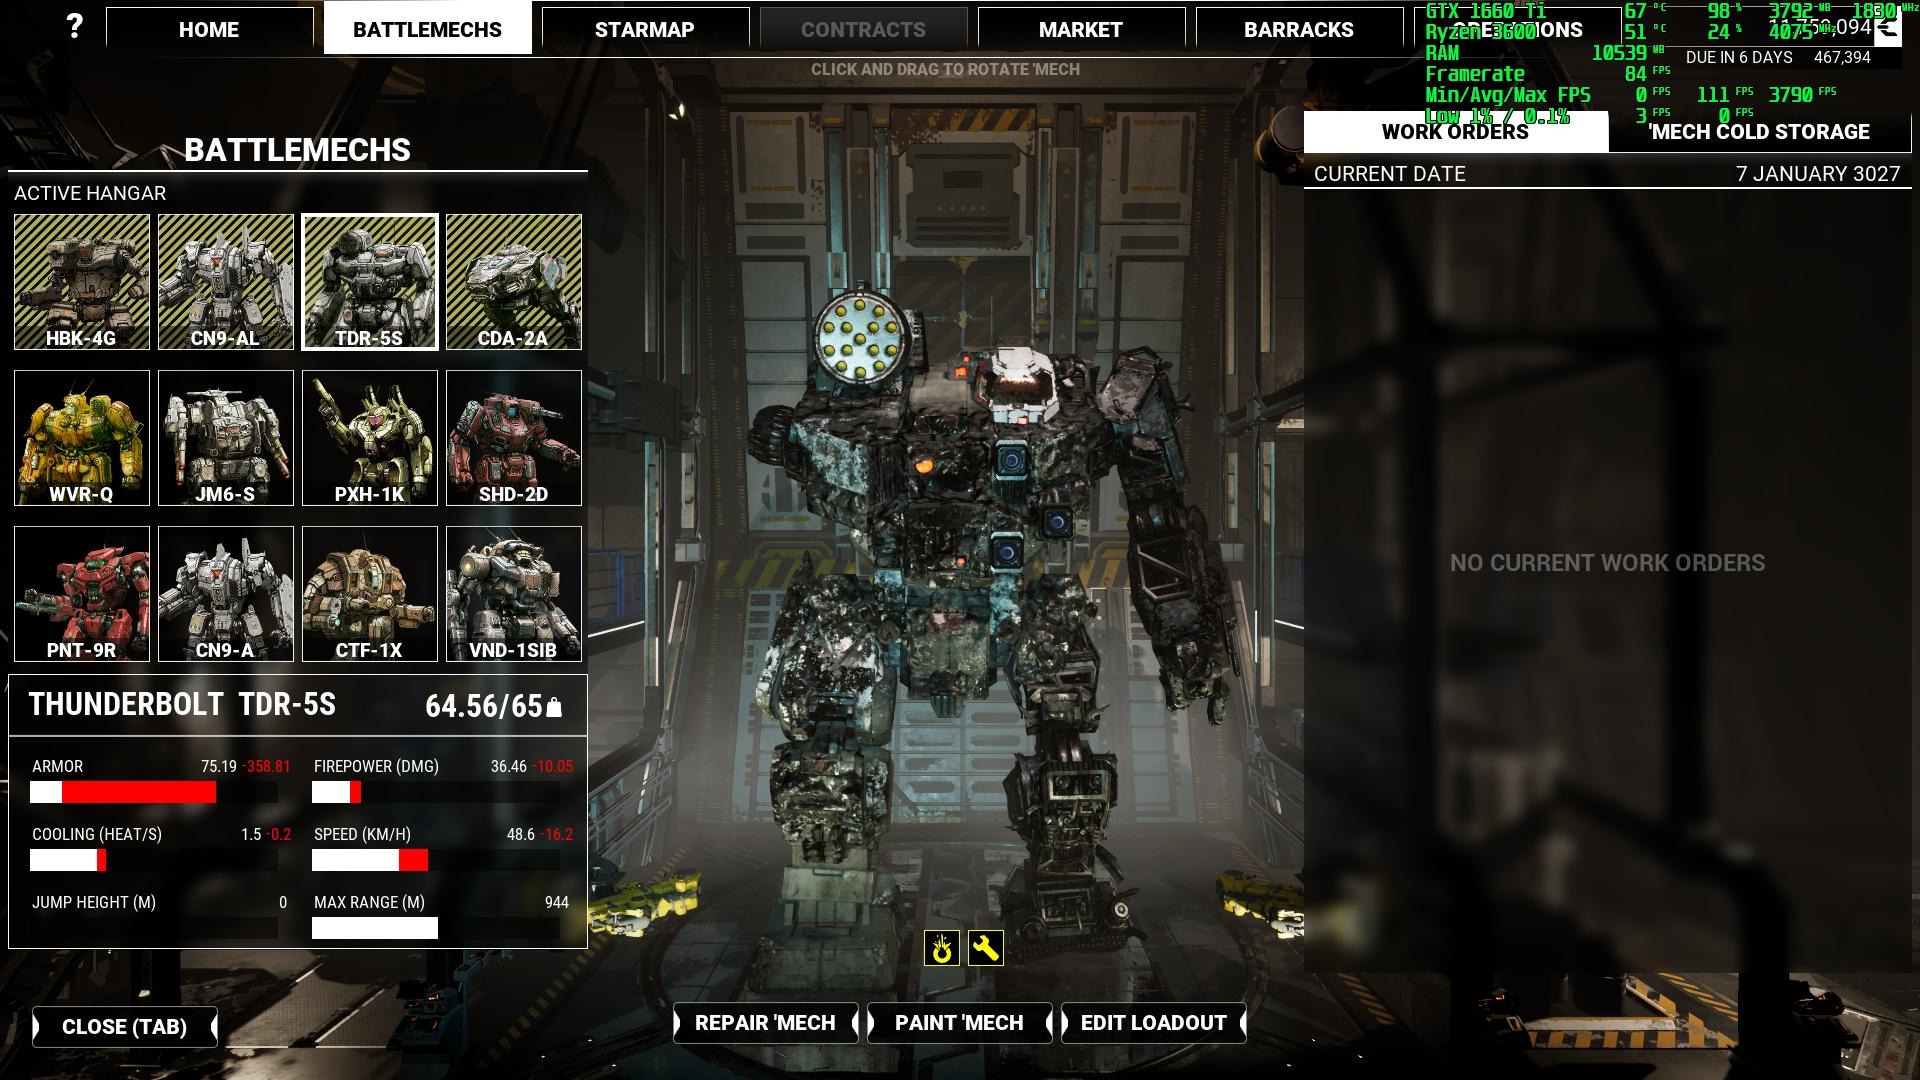 MechWarrior-Win64-Shipping_2020_05_16_00_40_54_908.jpg